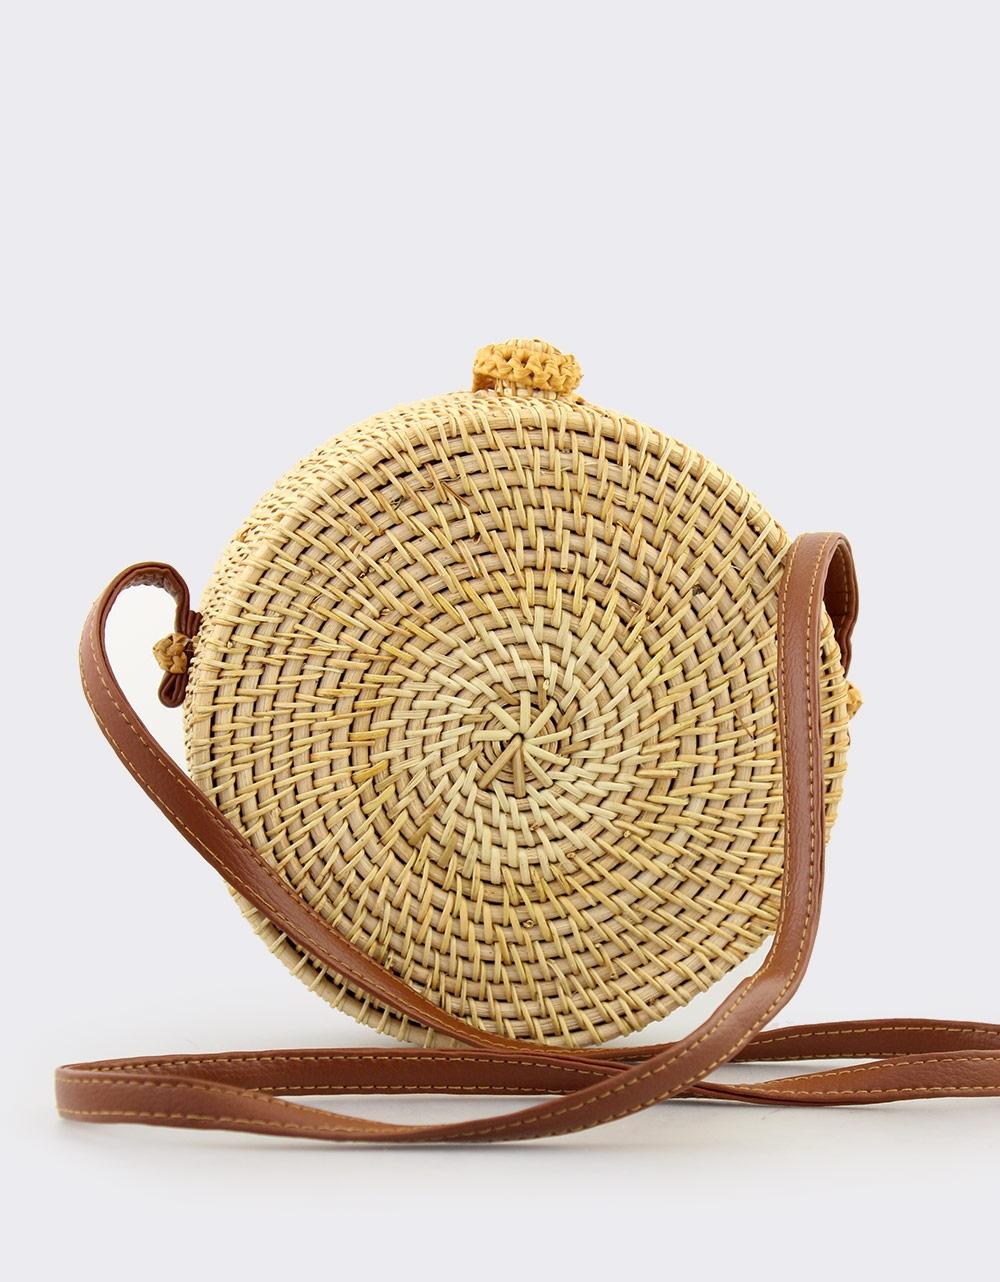 Εικόνα από Γυναικείες τσάντες ώμου με πλεκτό σχέδιο Καφέ